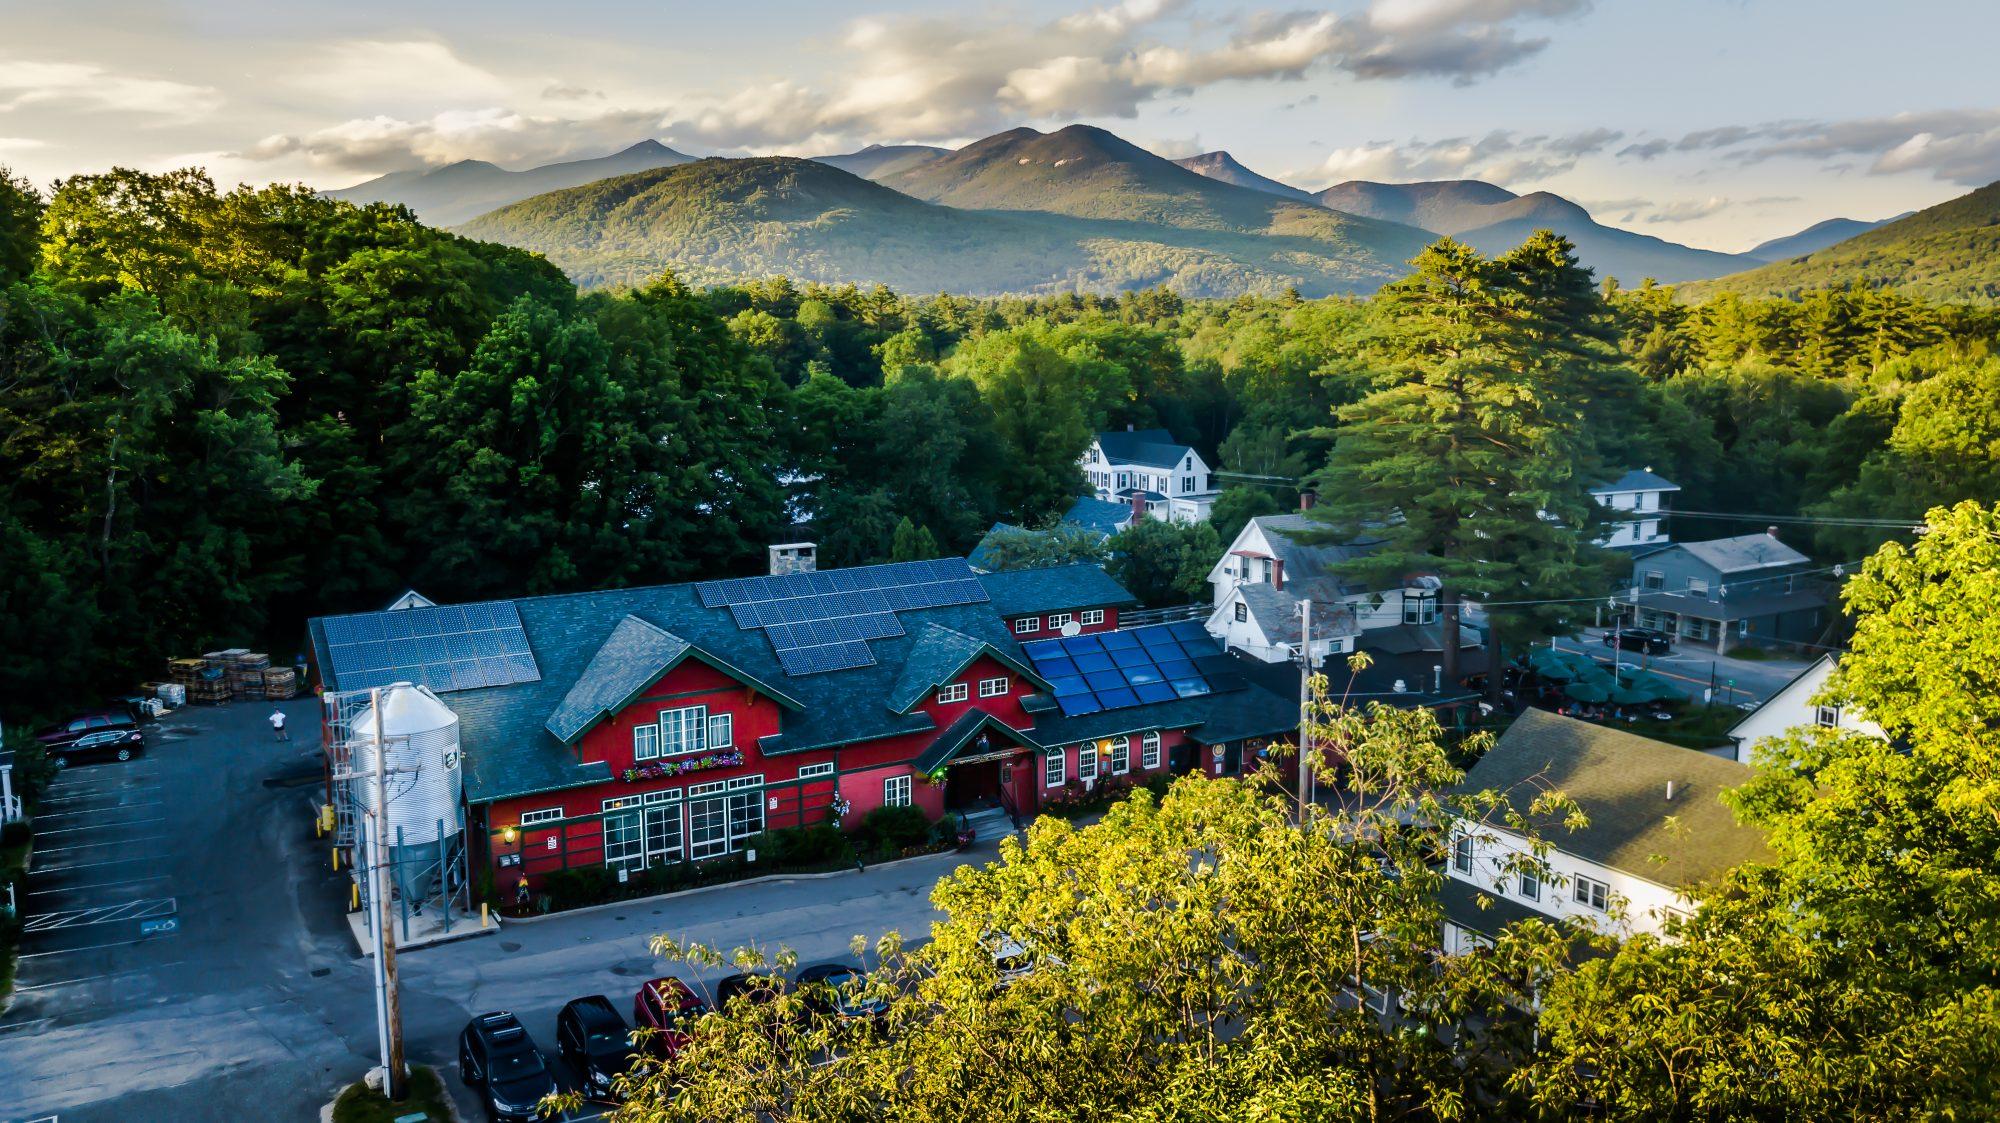 Woodstock Inn - 7 Best Beer & Brewery Hotels in the US